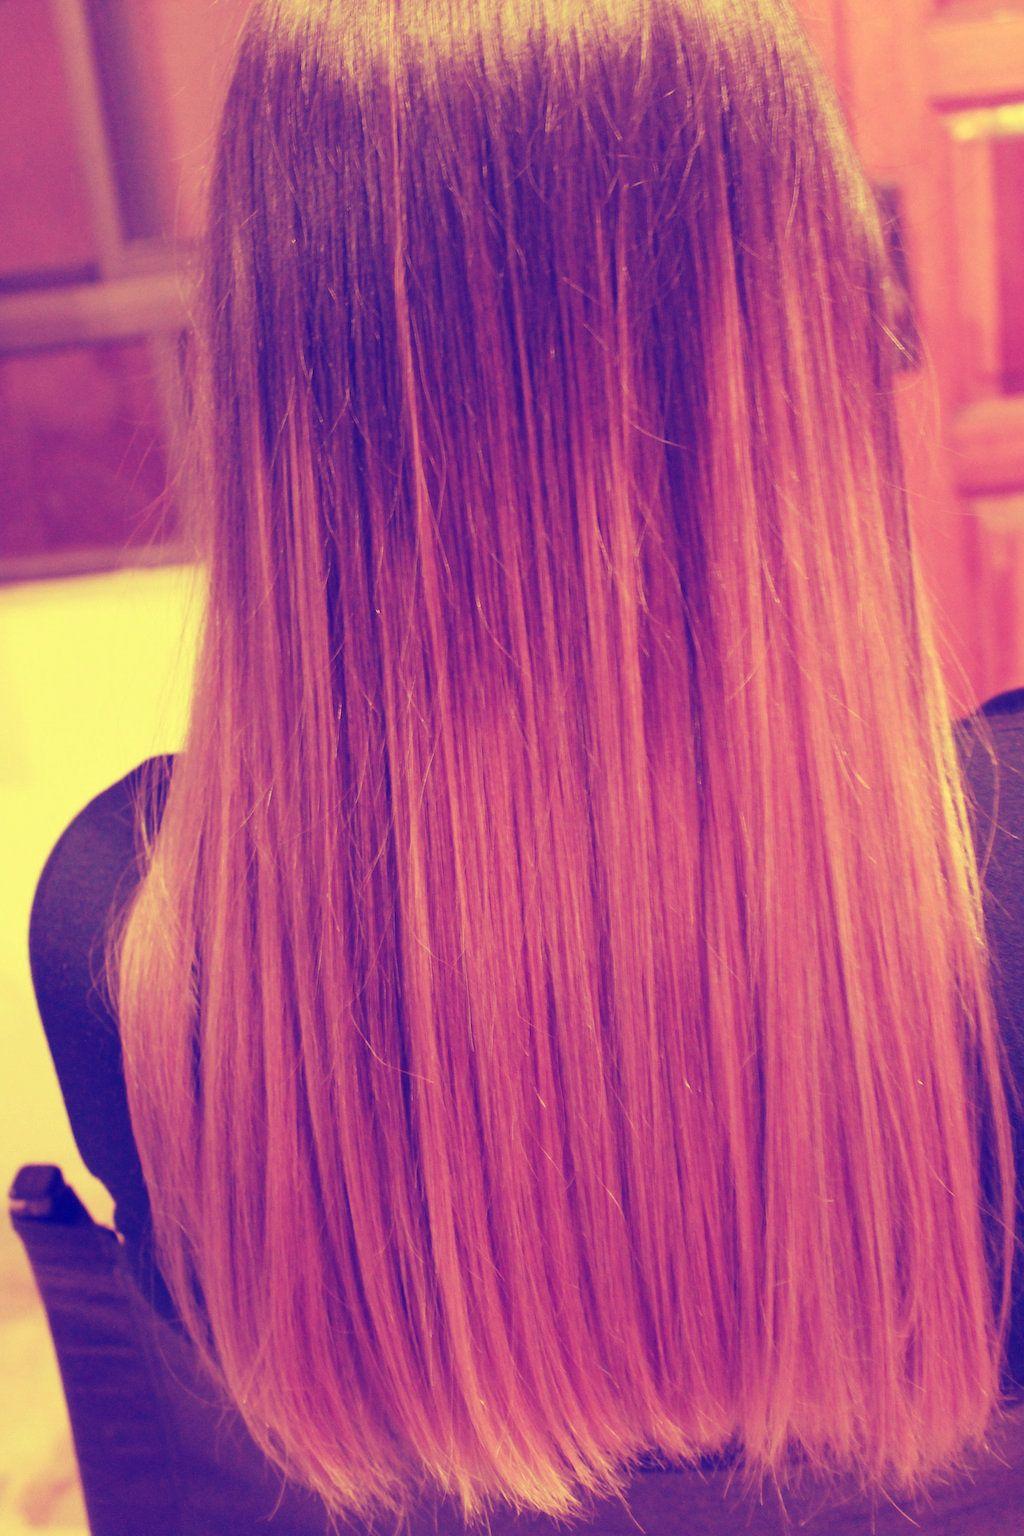 Ombré Hair DIY #FDIY / ¿cómo hacer mechas californianas? www.headbandproject.com #Hairstyles